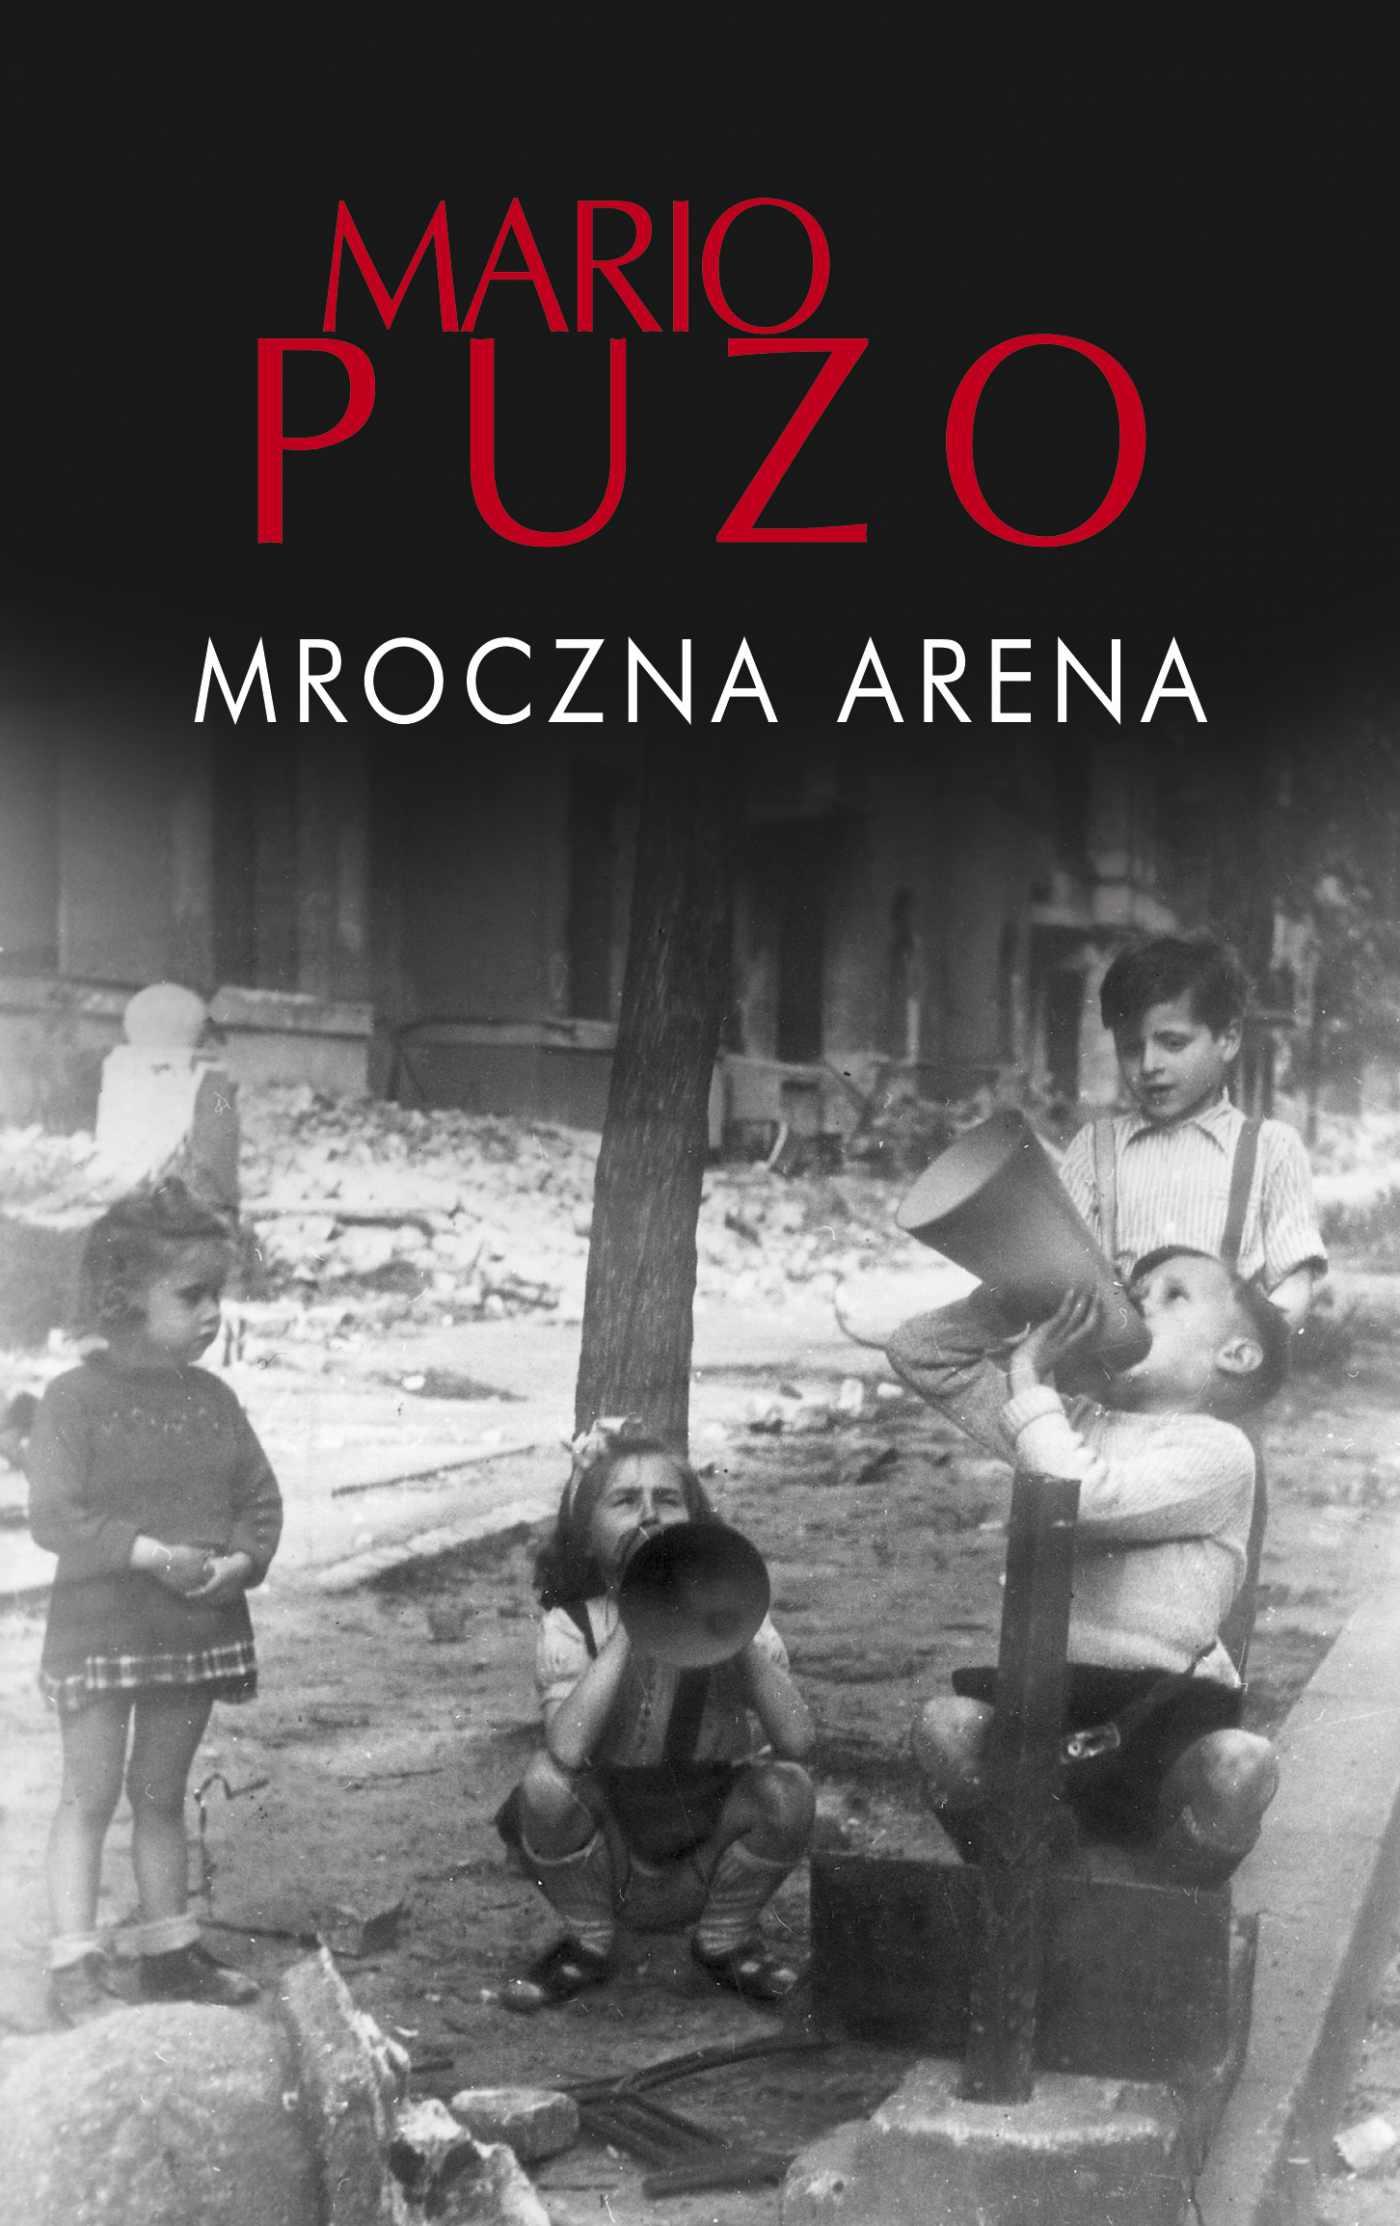 Mroczna arena - Ebook (Książka na Kindle) do pobrania w formacie MOBI